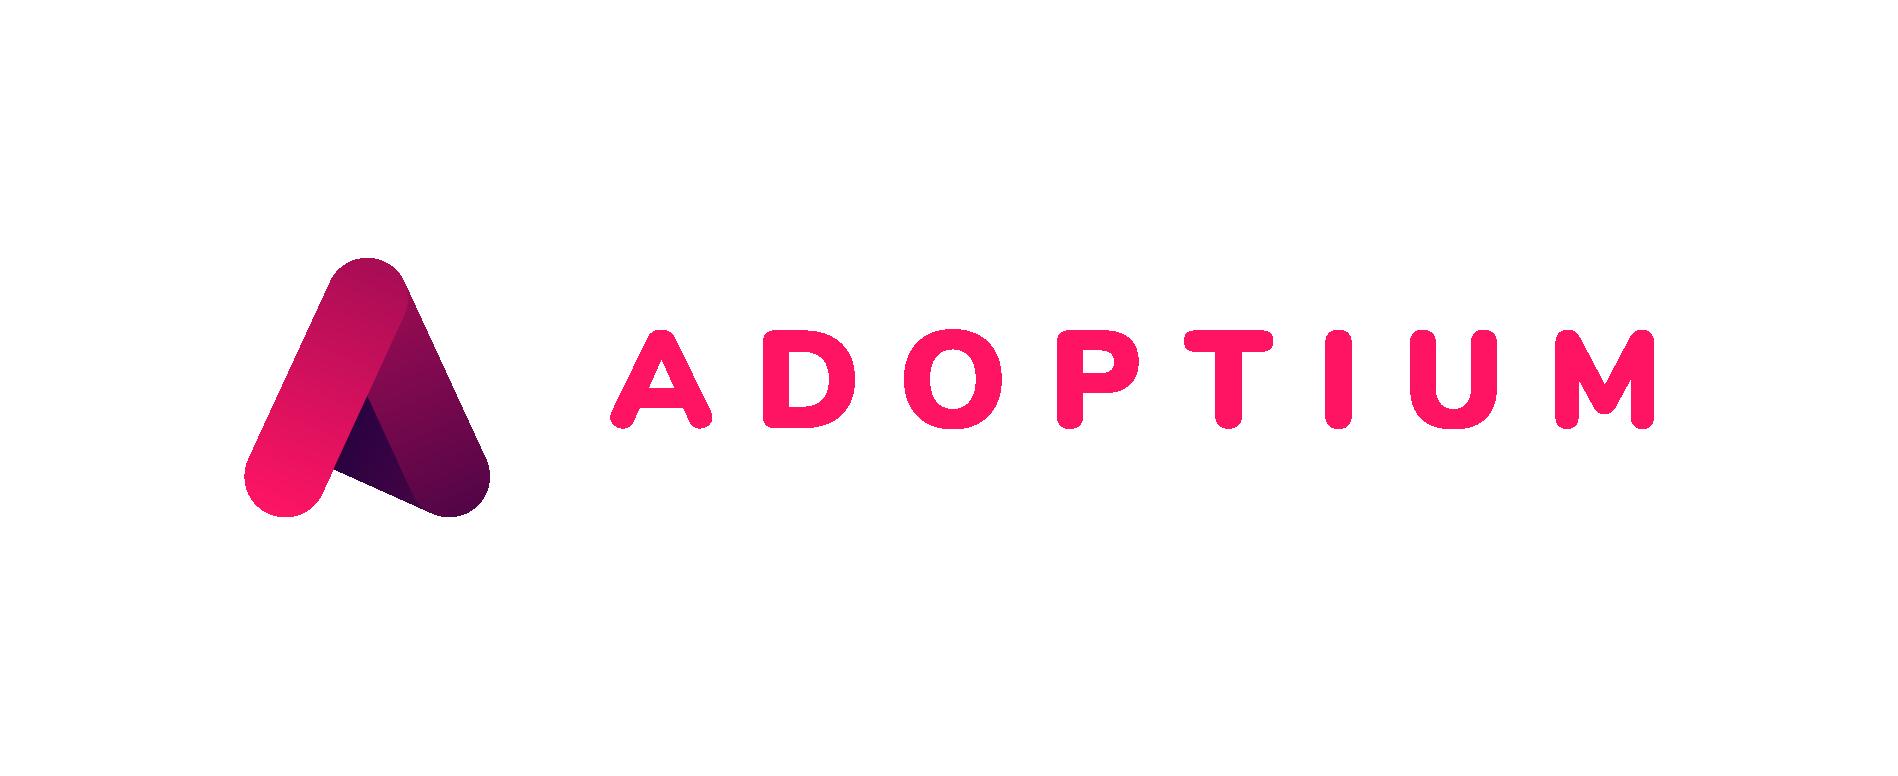 adoptium logo